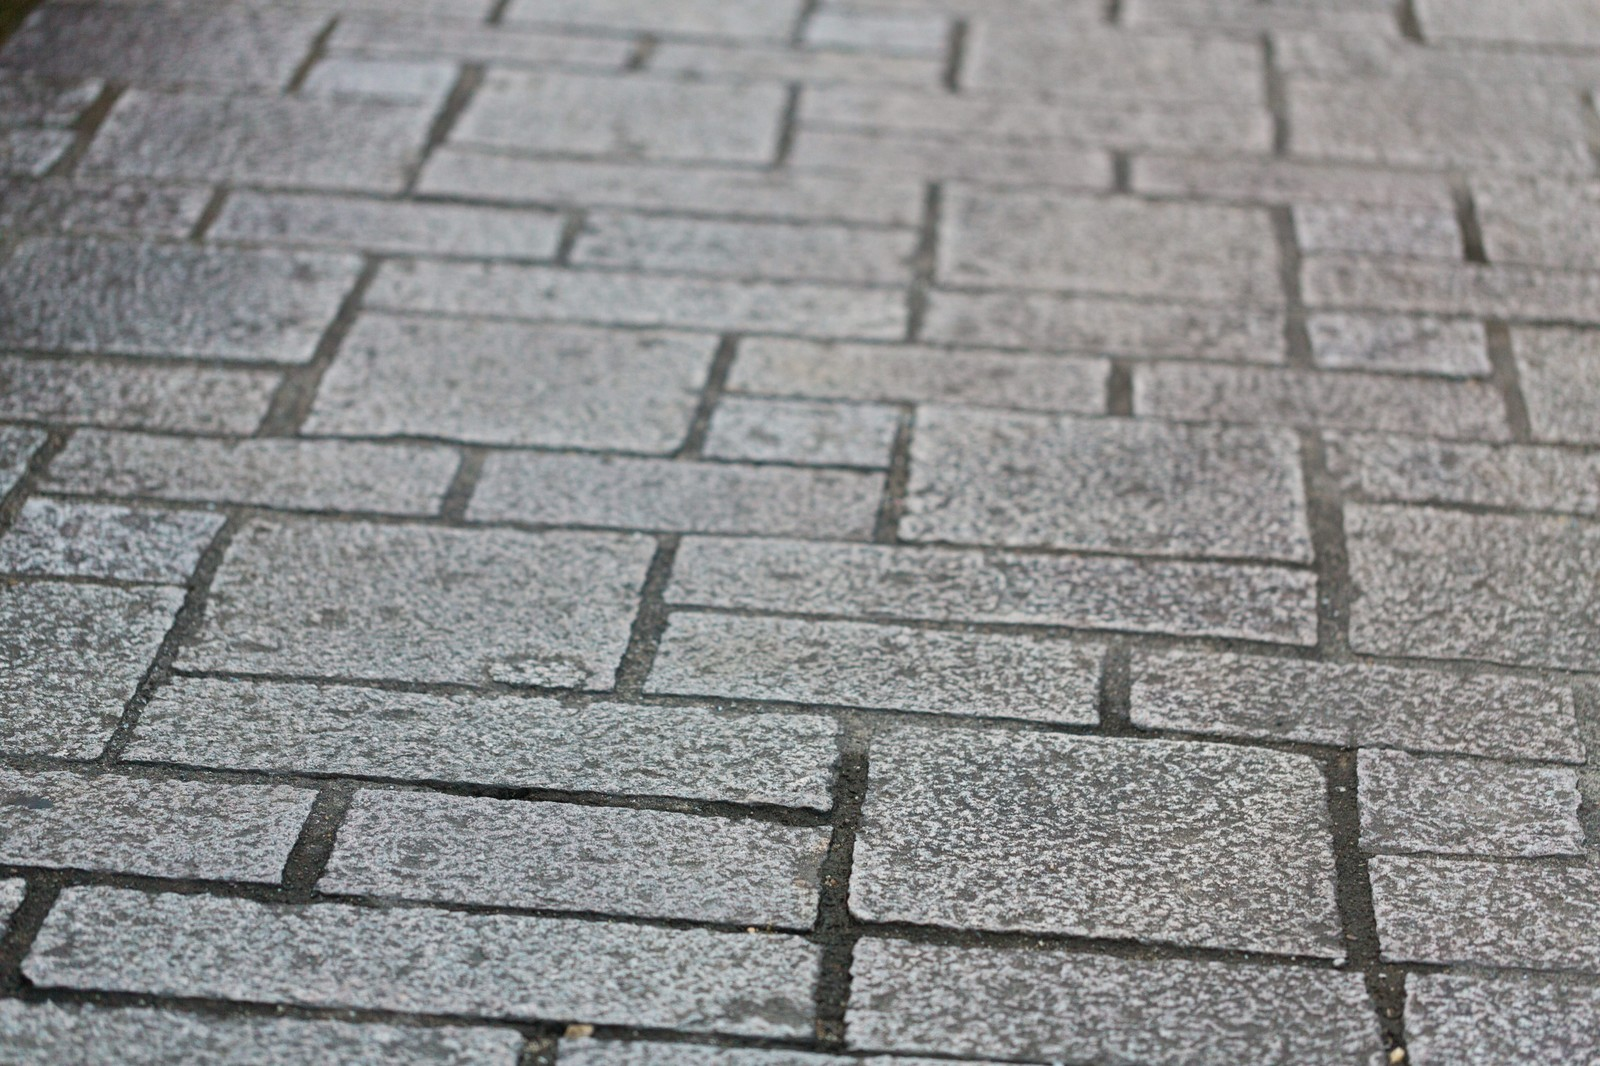 「大川内山の石畳大川内山の石畳」のフリー写真素材を拡大